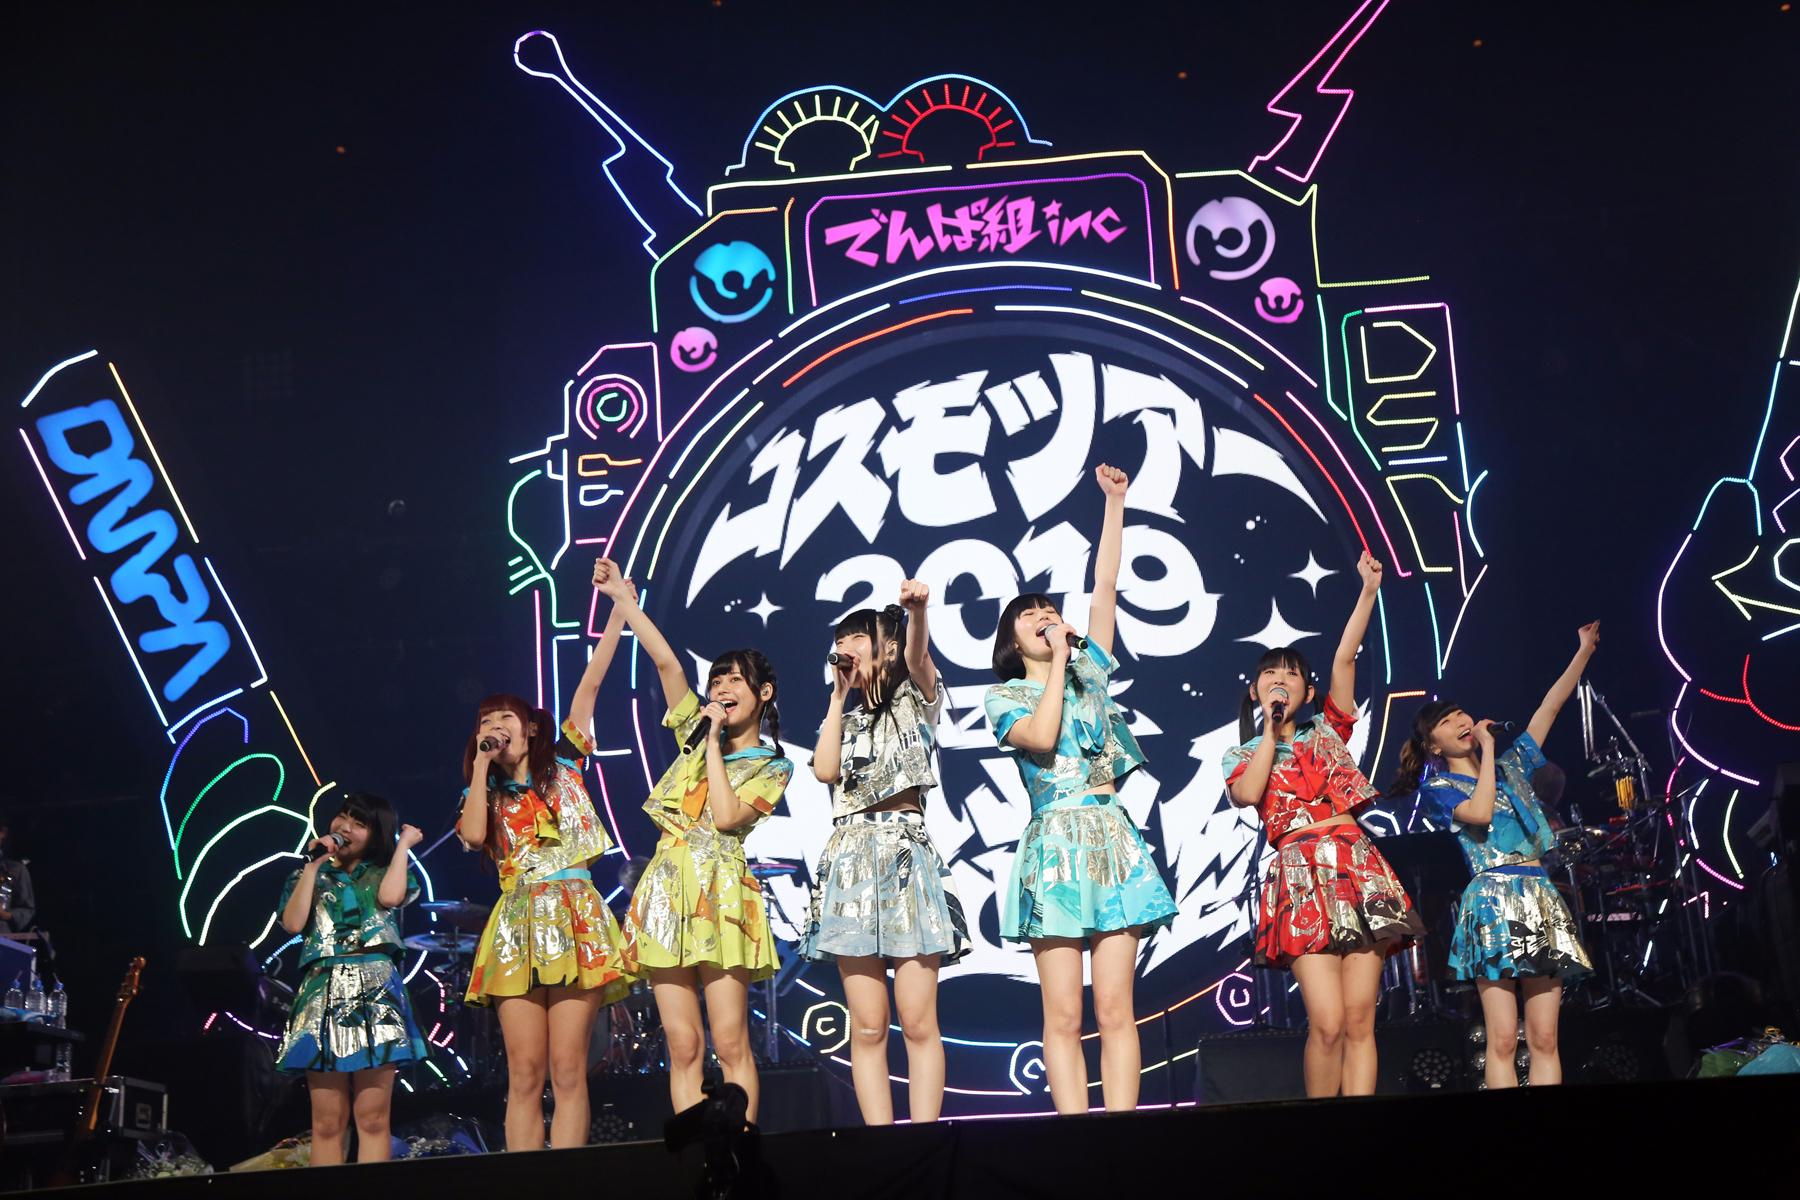 でんぱ組.inc 1月6日公演 撮影=チェリーマン